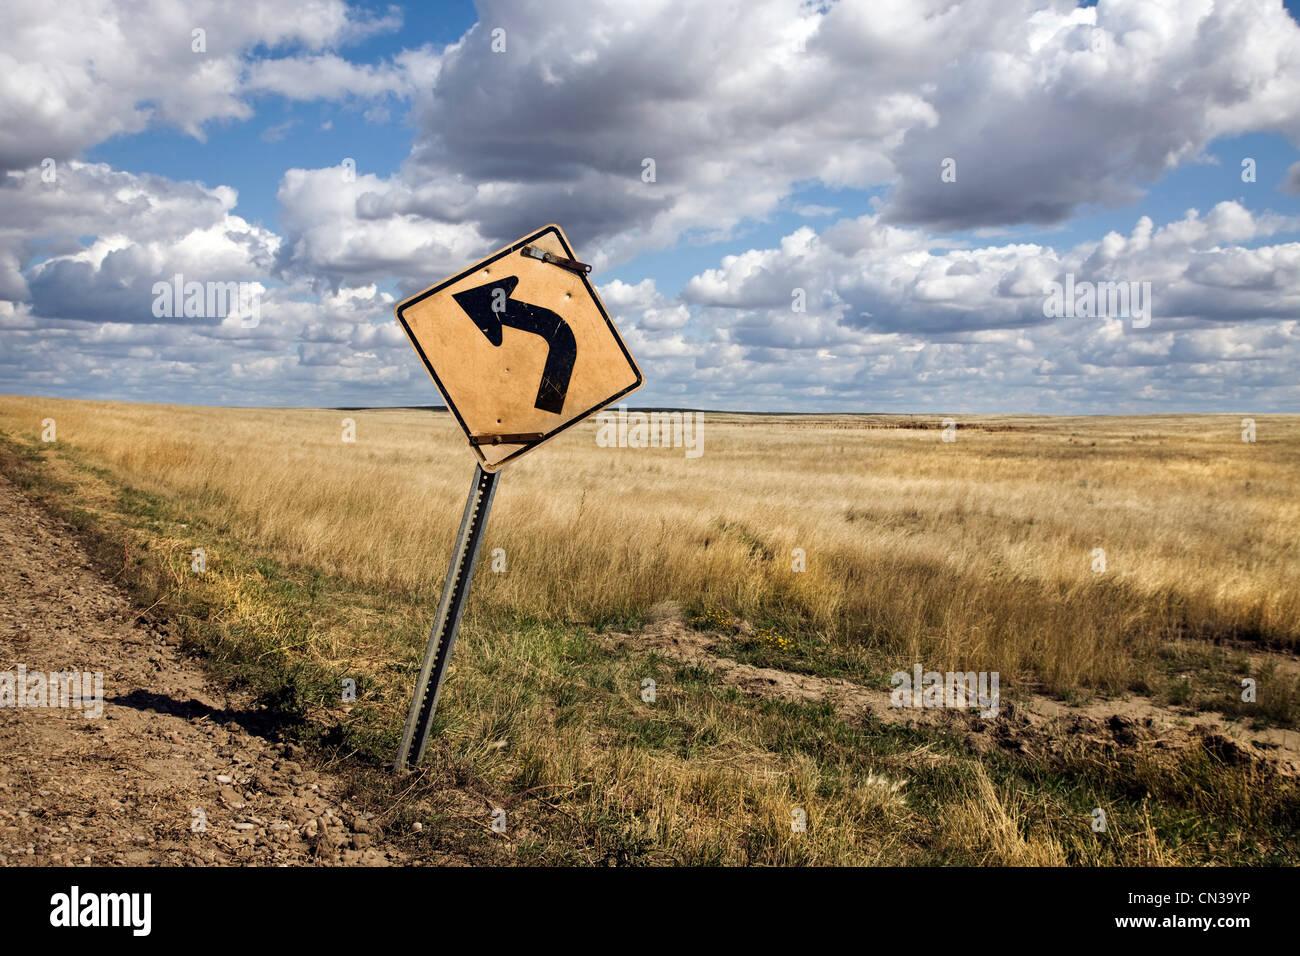 Señal de tráfico junto al campo Imagen De Stock